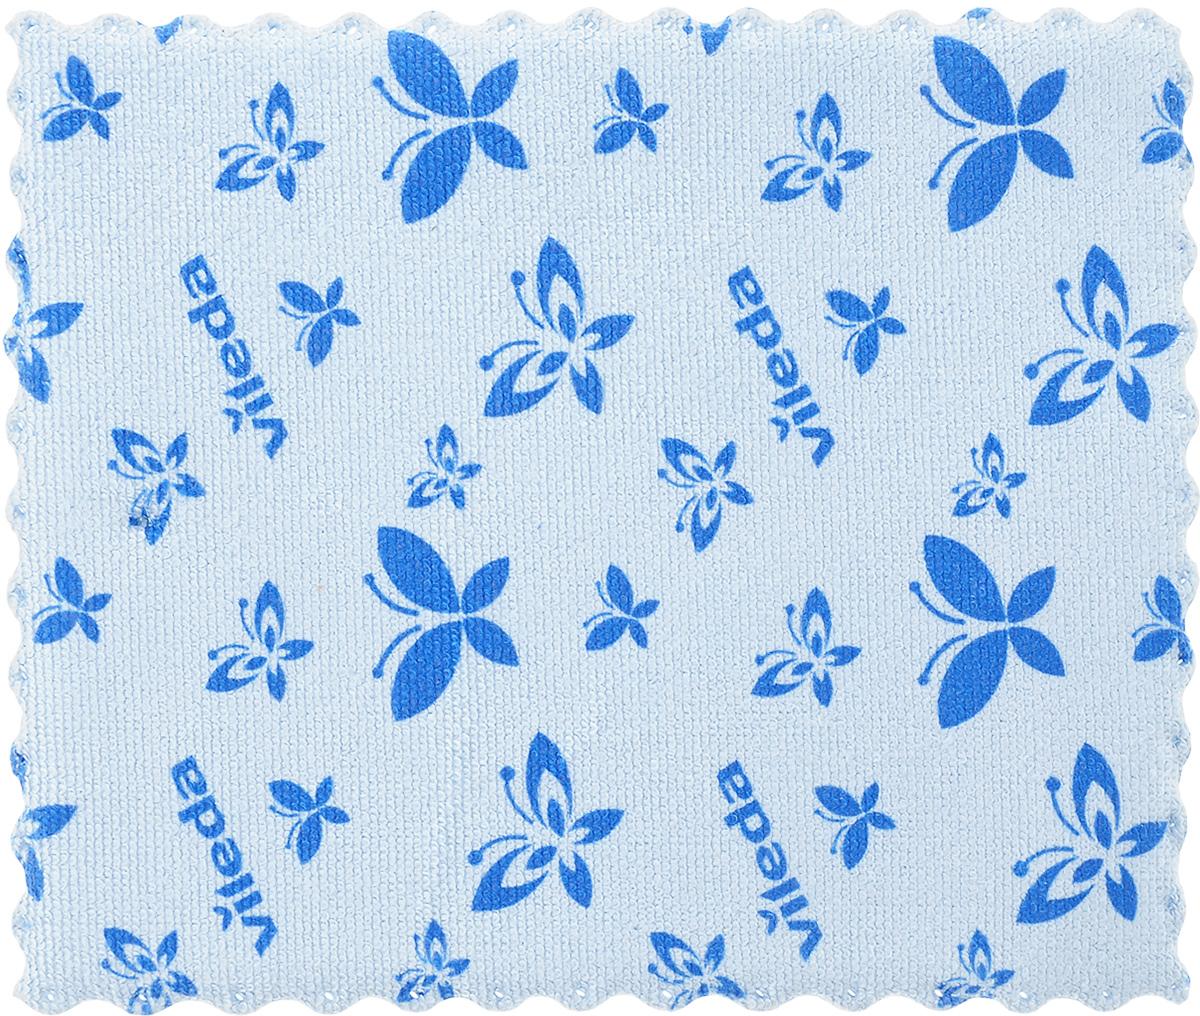 Салфетка универсальная Vileda, цвет: голубой, 17 х 20 см салфетка универсальная vileda микрофибра цвет розовый 32 х 32 см